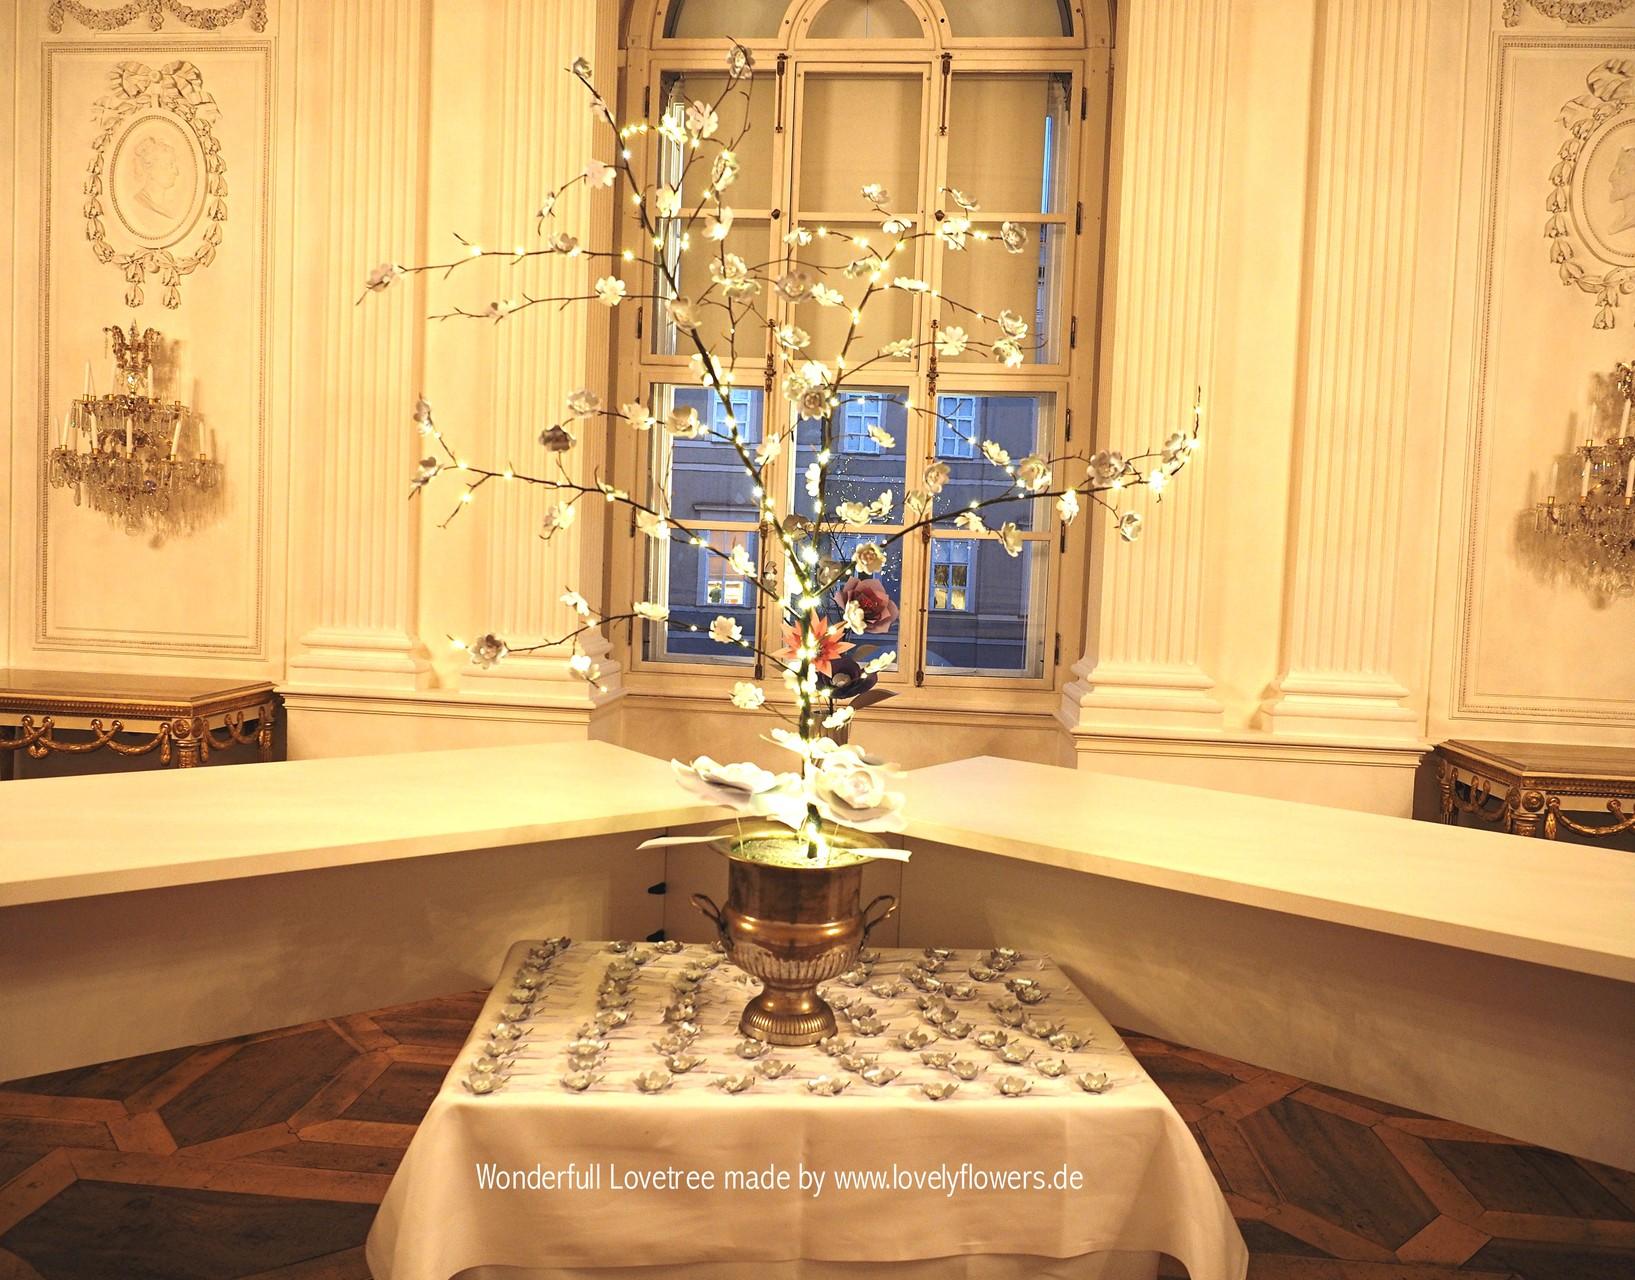 Ein wunderbarer Paper-Art Hochzeitswunschbaum von www.lovelyflowers.de für eine Winterhochzeit in der Residenz zu Salzburg/Österreich